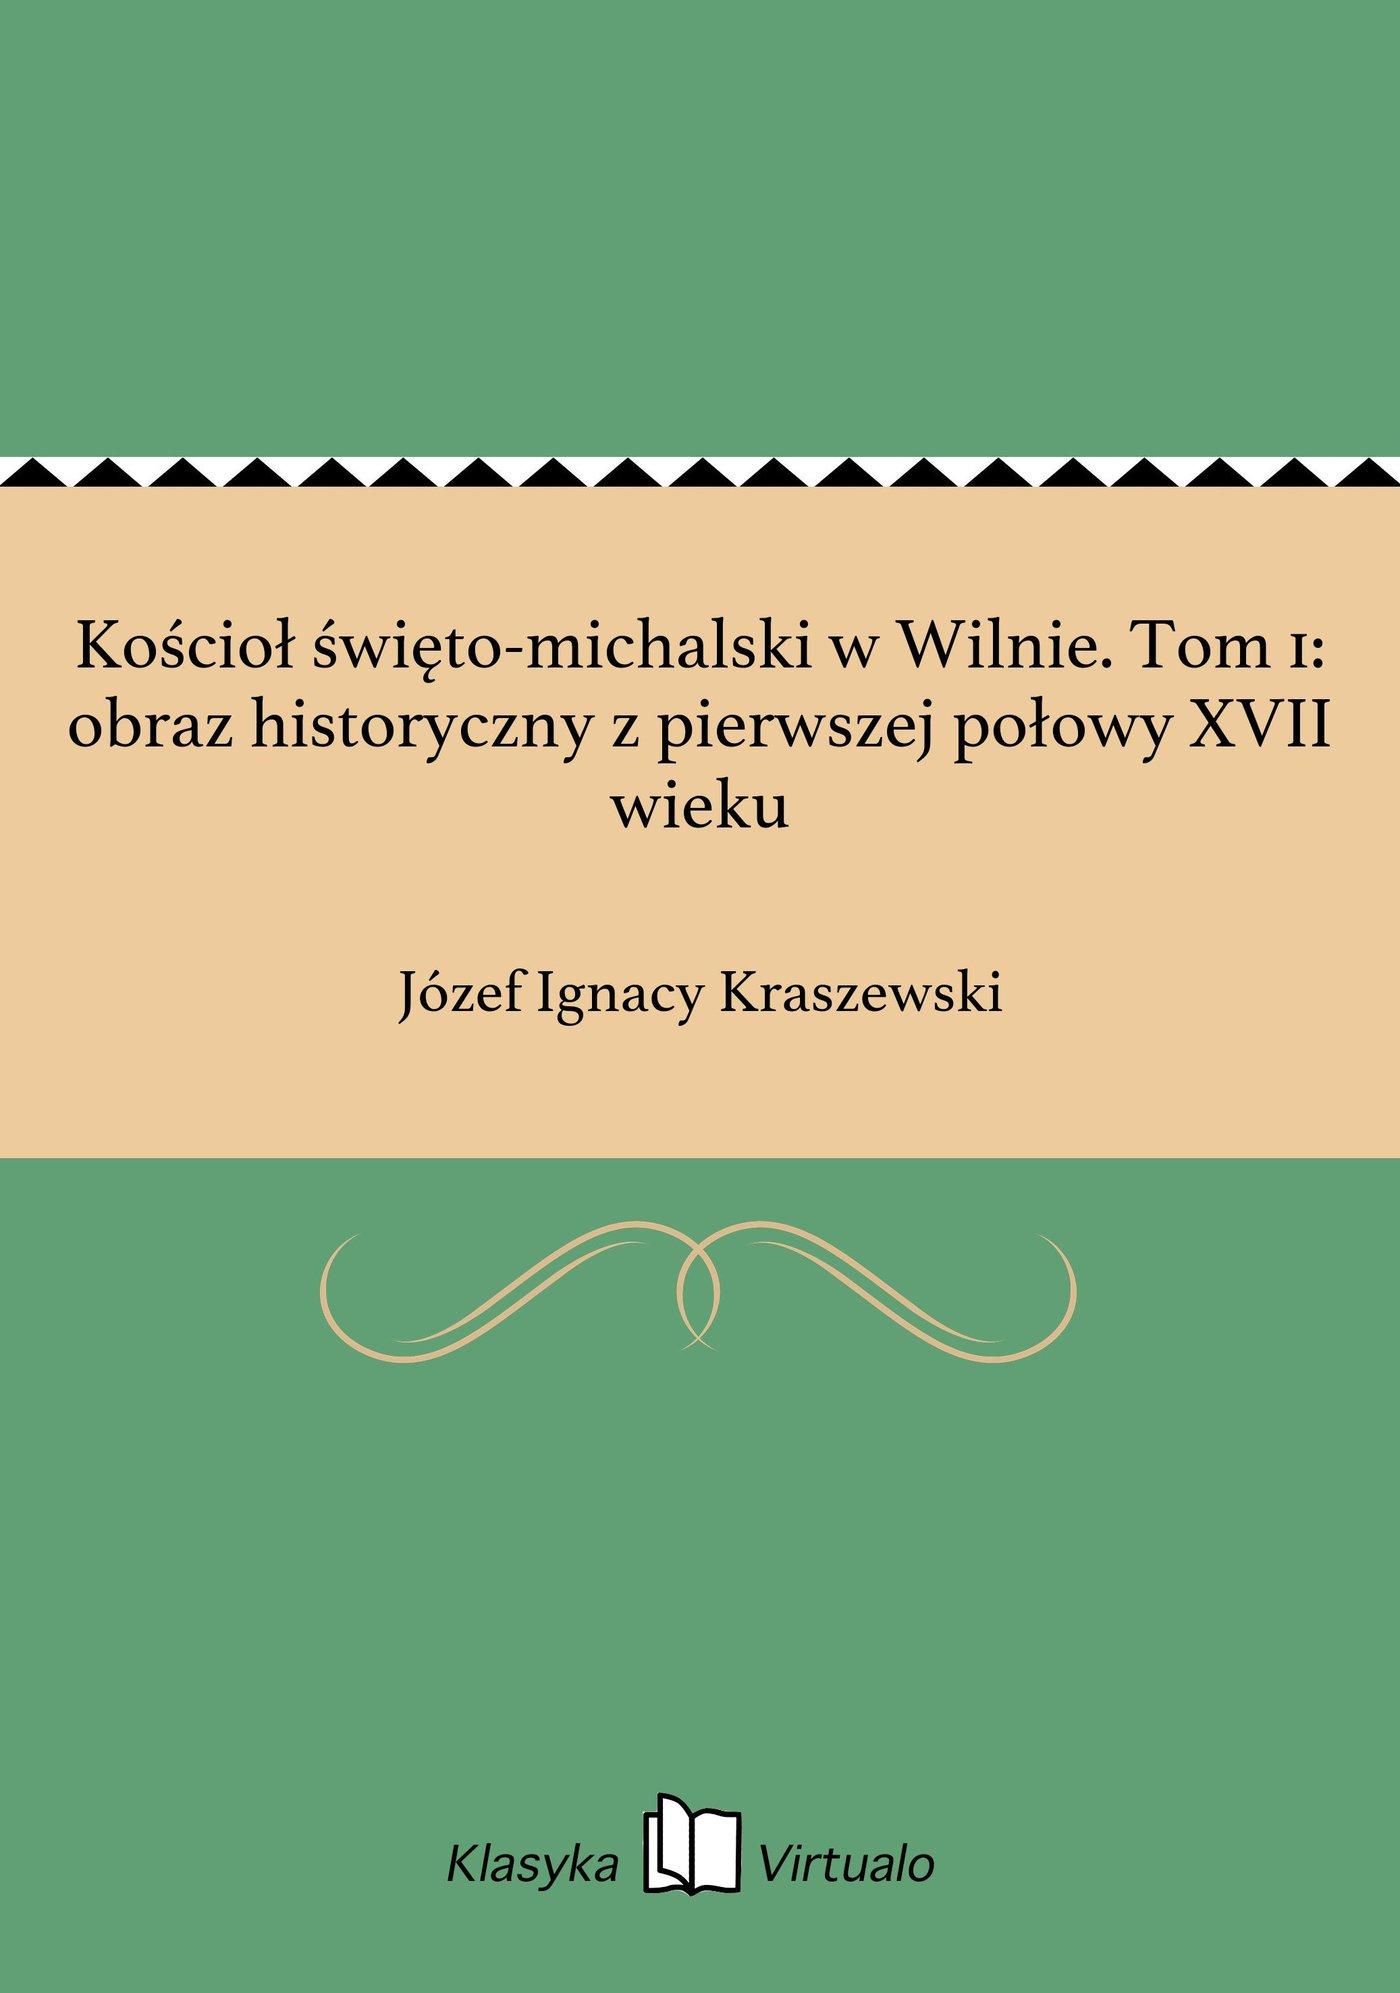 Kościoł święto-michalski w Wilnie. Tom 1: obraz historyczny z pierwszej połowy XVII wieku - Ebook (Książka na Kindle) do pobrania w formacie MOBI